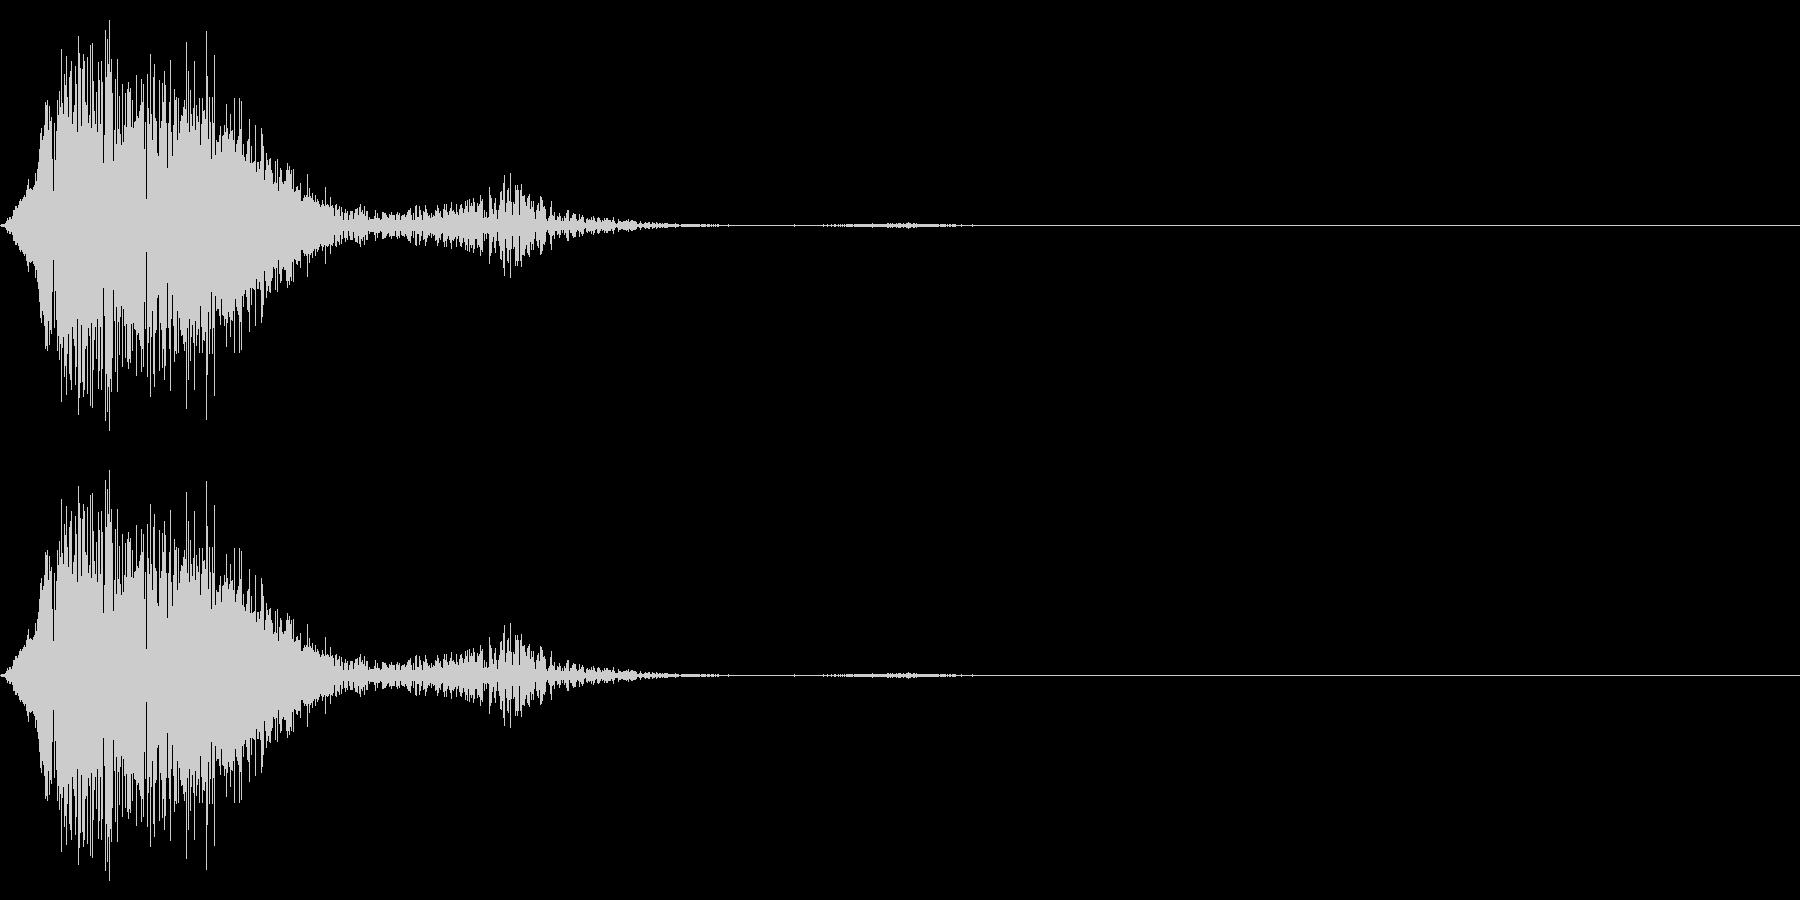 アニメの格闘シーンにありそうな防御SEの未再生の波形